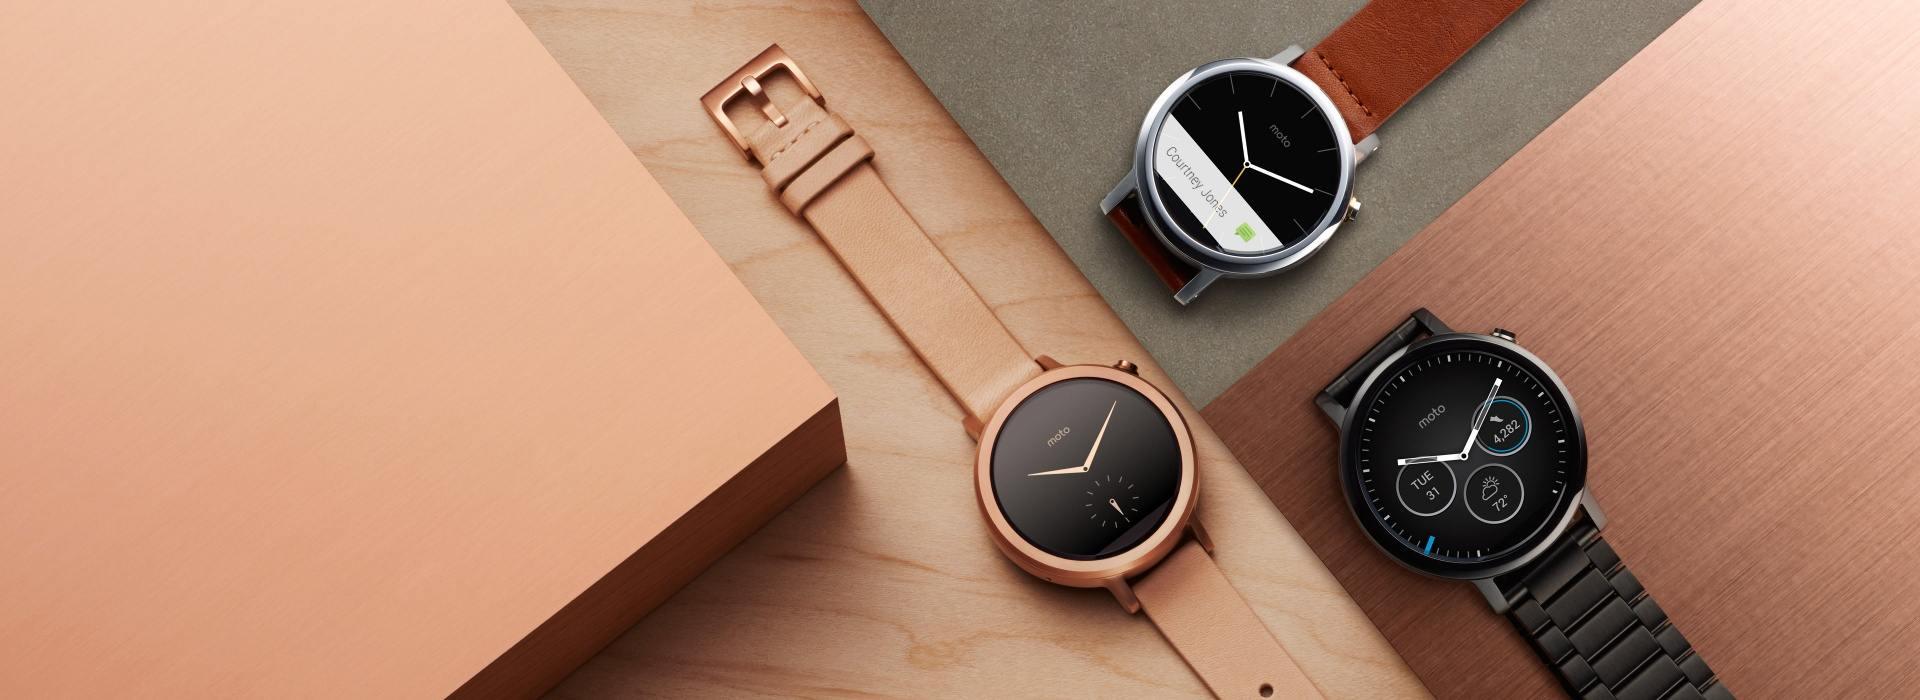 Le prix des trois Motorola Moto 360 (2015) «classiques» apparaît chez les revendeurs